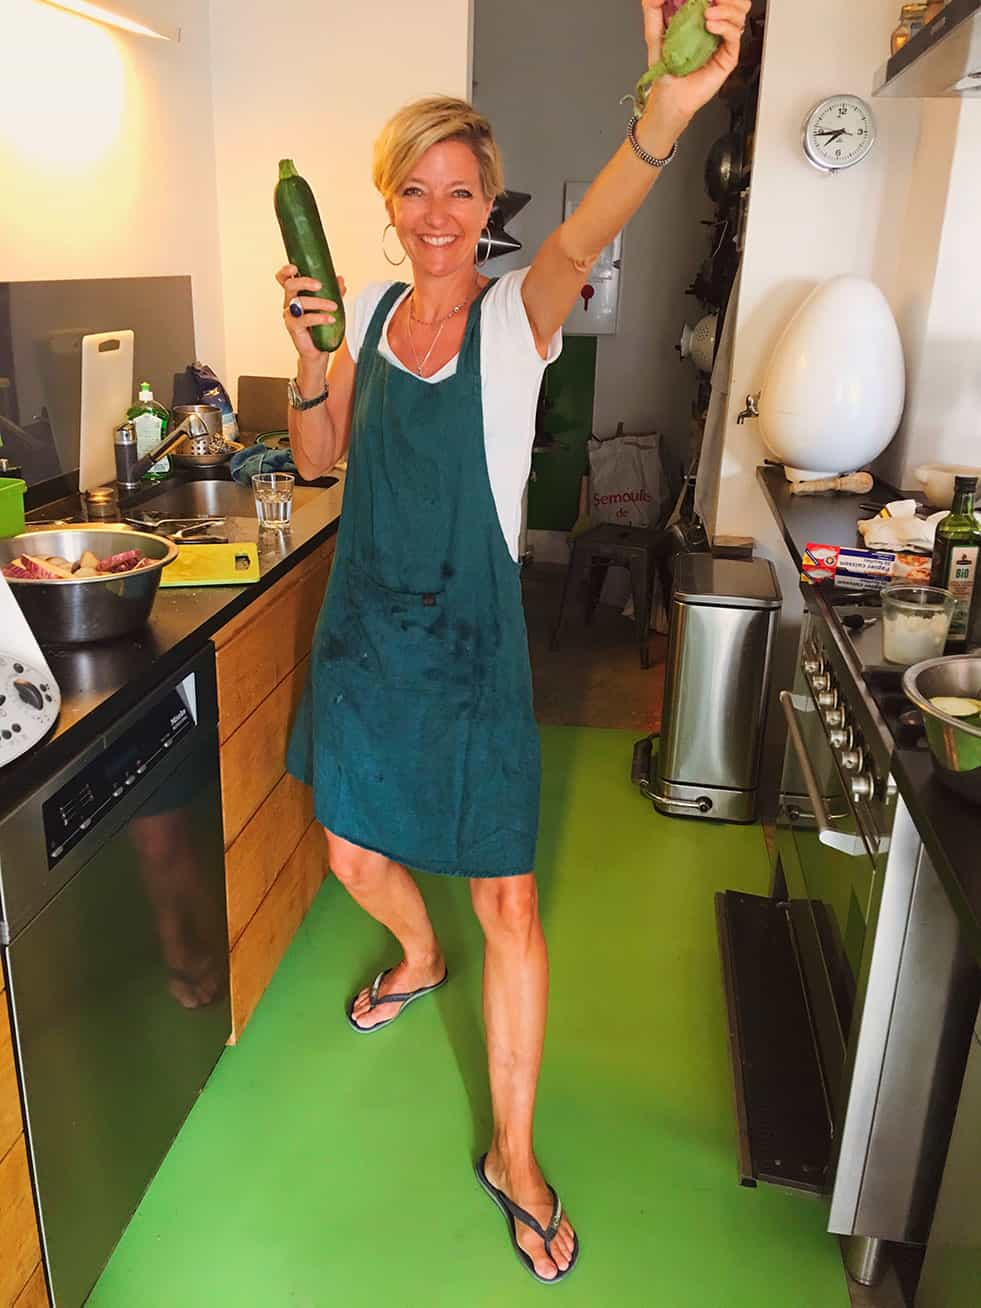 Isa, hotesse de votre chambre d'hôtes en Luberon Provence